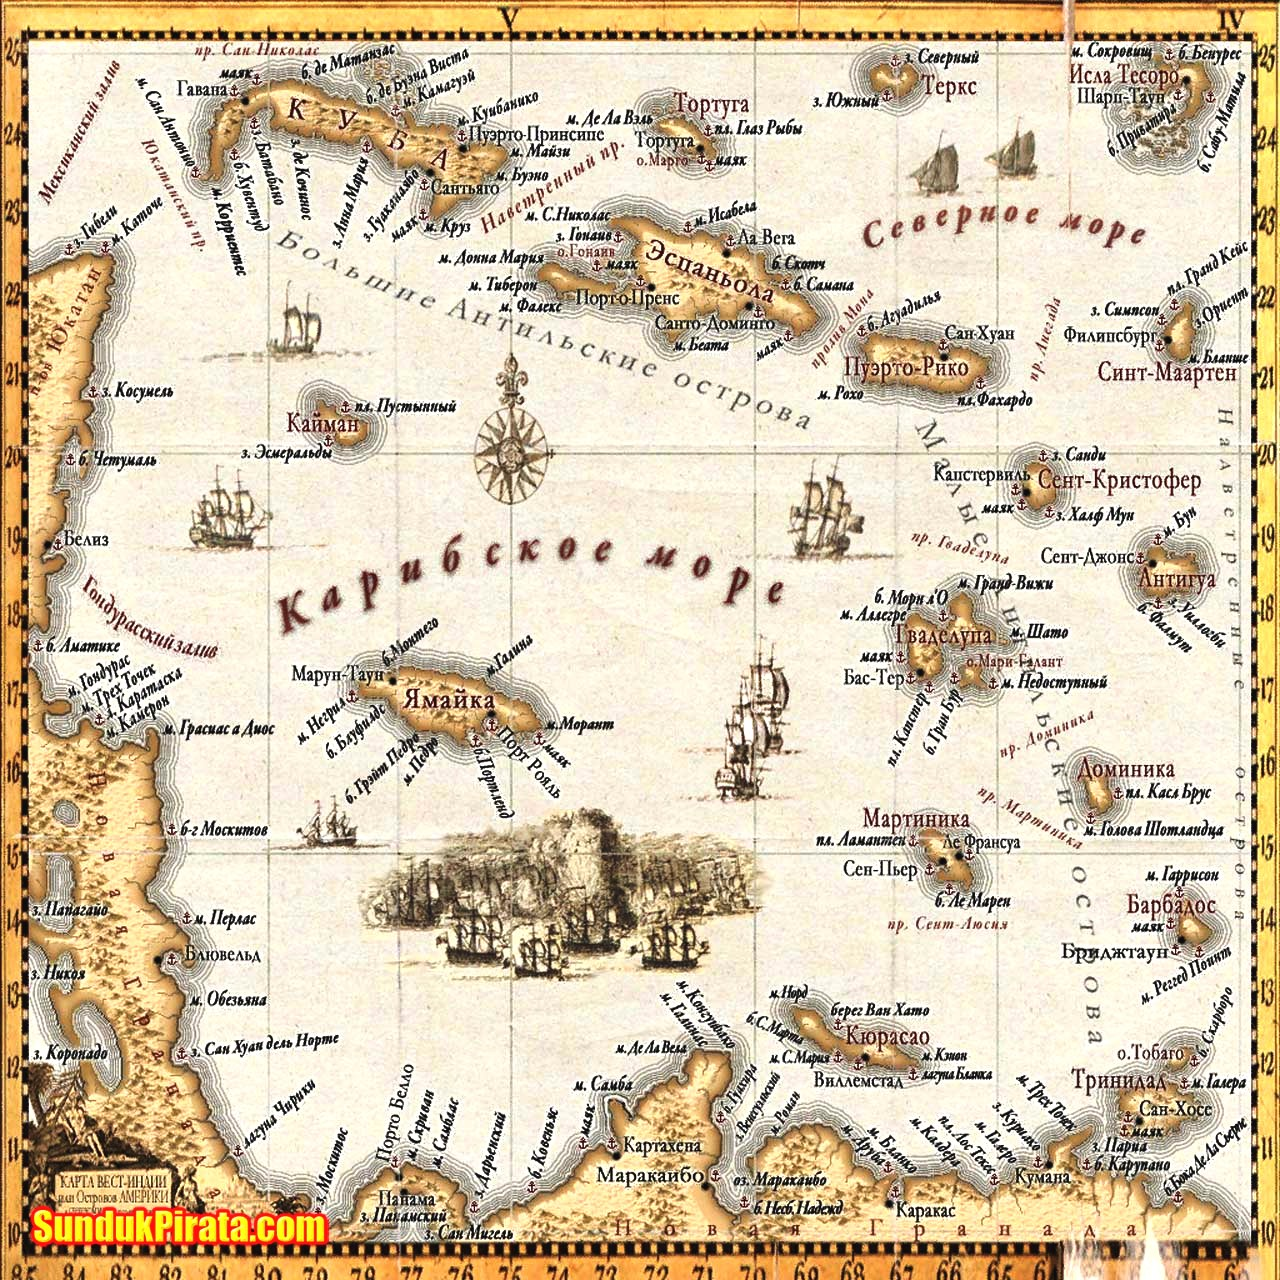 Сиськи негритянок обозначения гор на пиратских картах